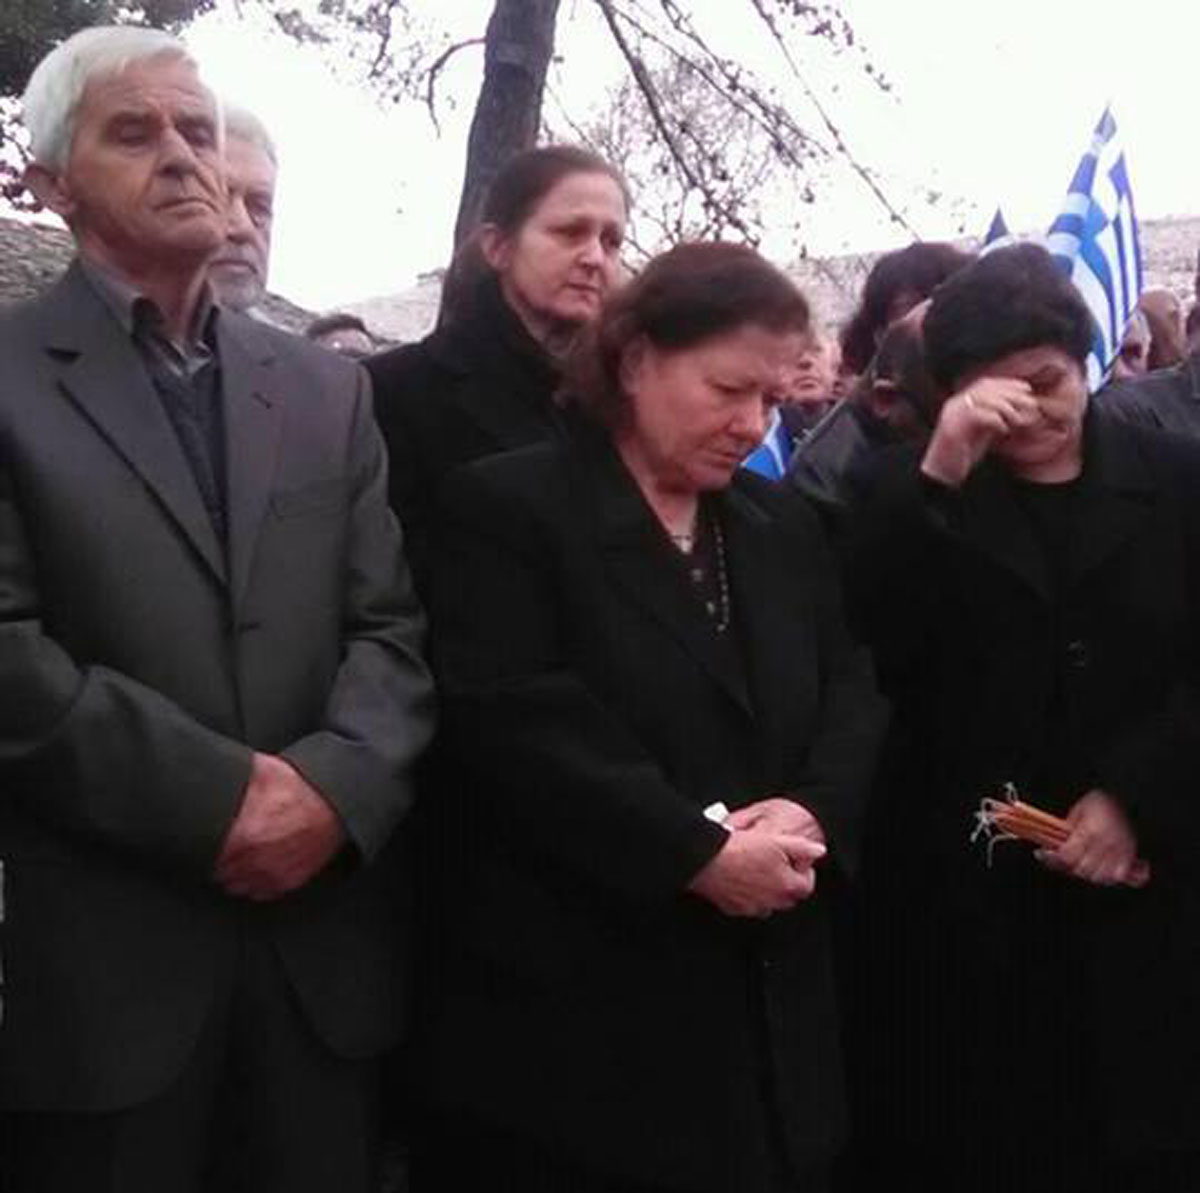 Σε βαρύ κλίμα το μνημόσυνο για τον Κωνσταντίνο Κατσίφα – Ένταση στα σύνορα